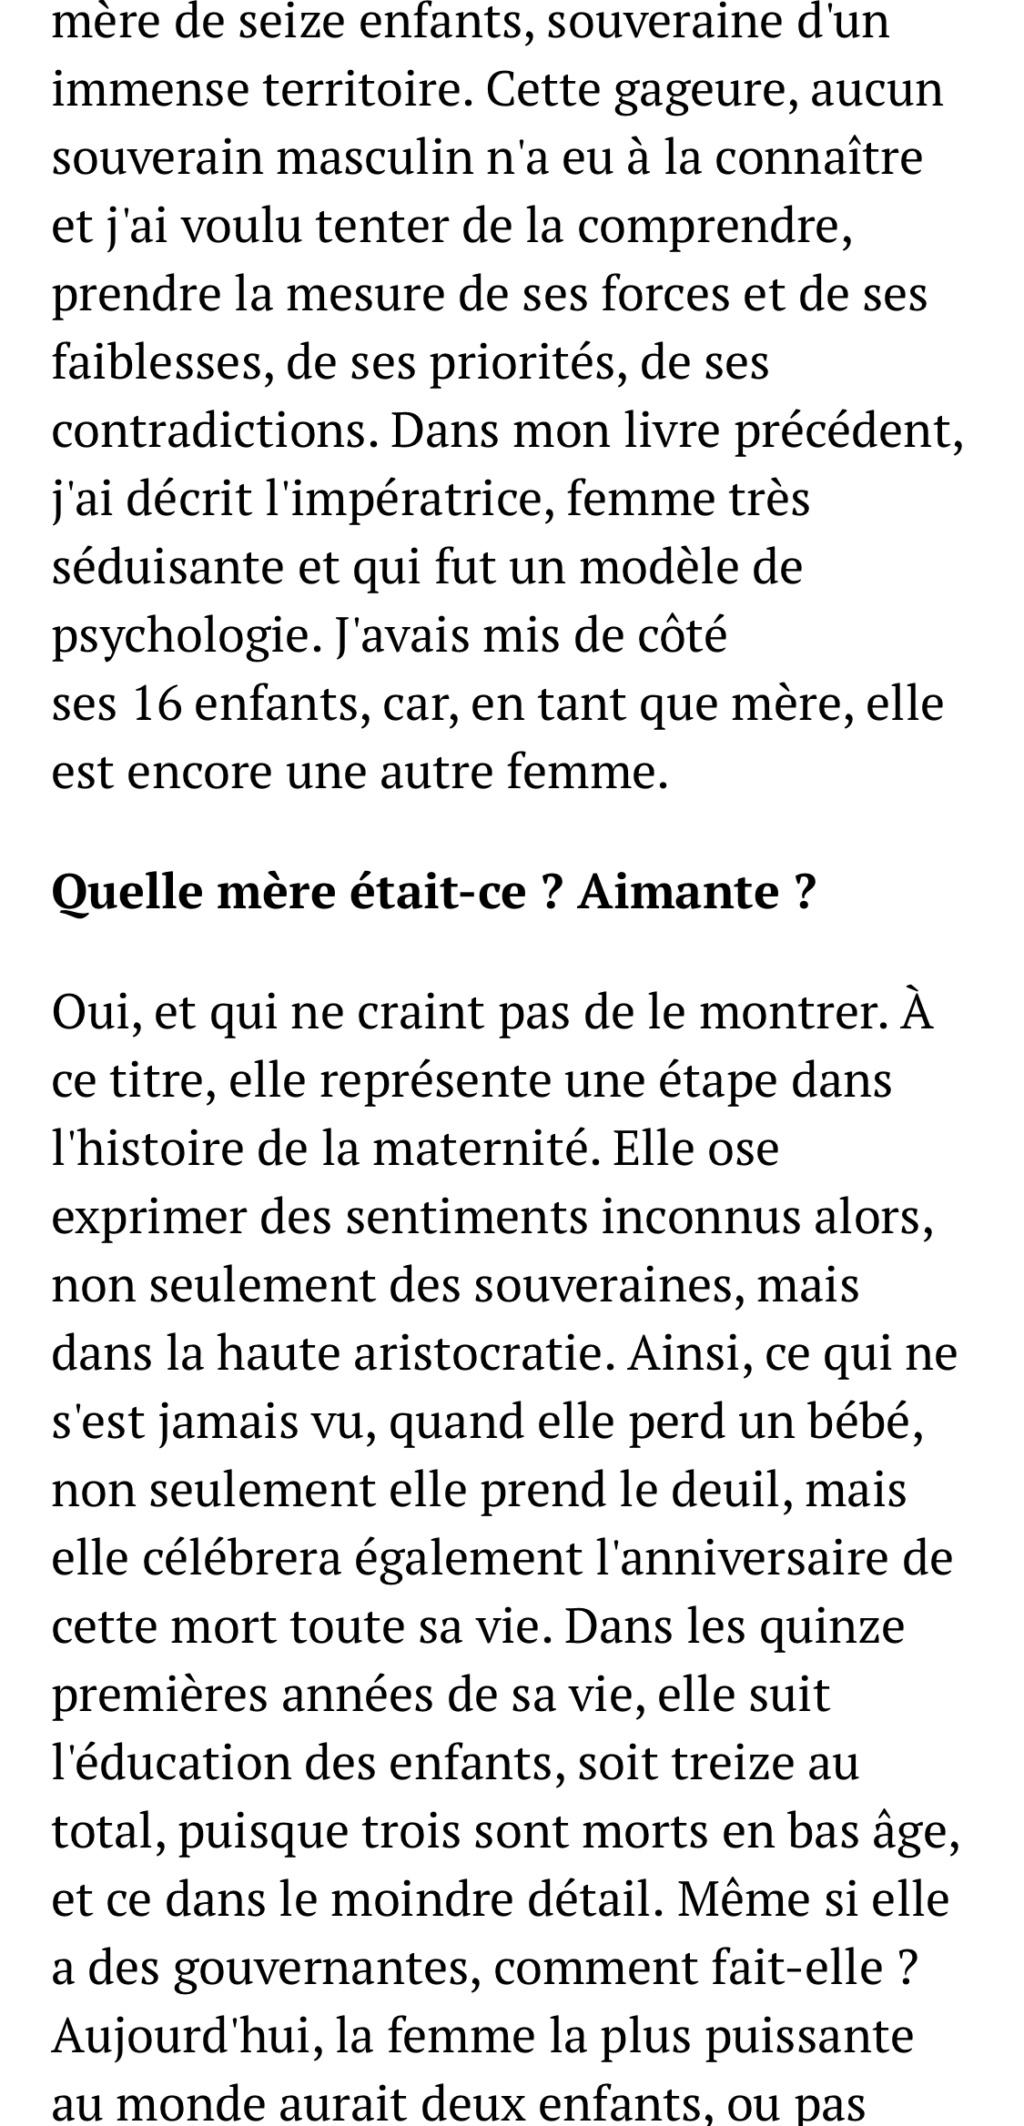 Marie-Thérèse d'Autriche : Le pouvoir au féminin & Les conflits d'une mère. De Elisabeth Badinter - Page 2 E834cd10